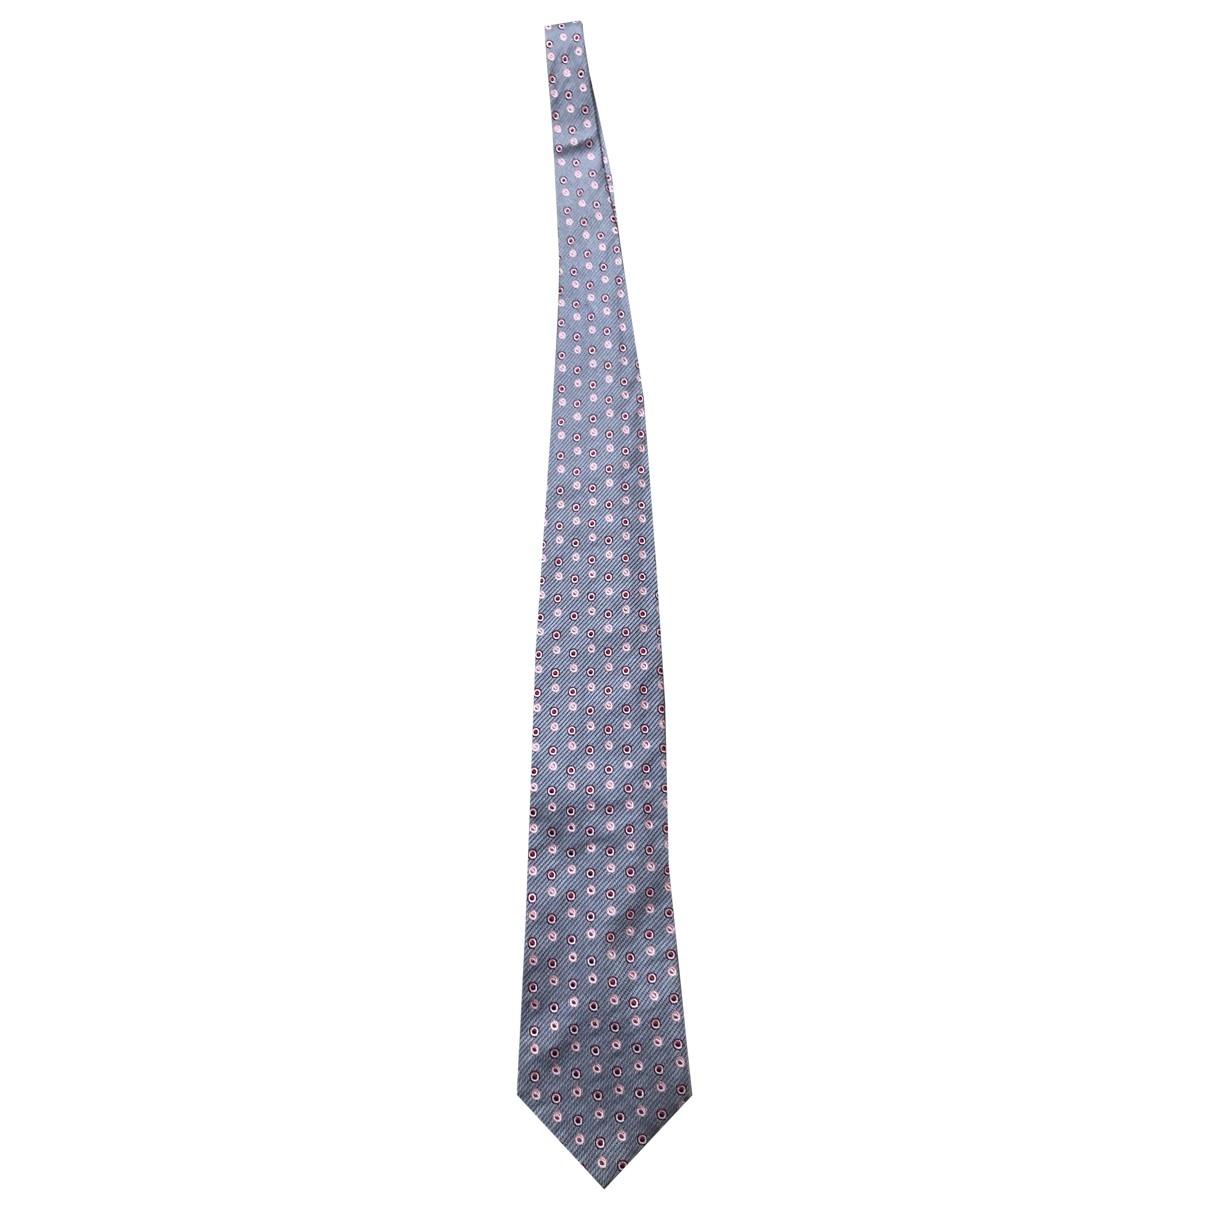 Paul Smith - Cravates   pour homme en soie - gris